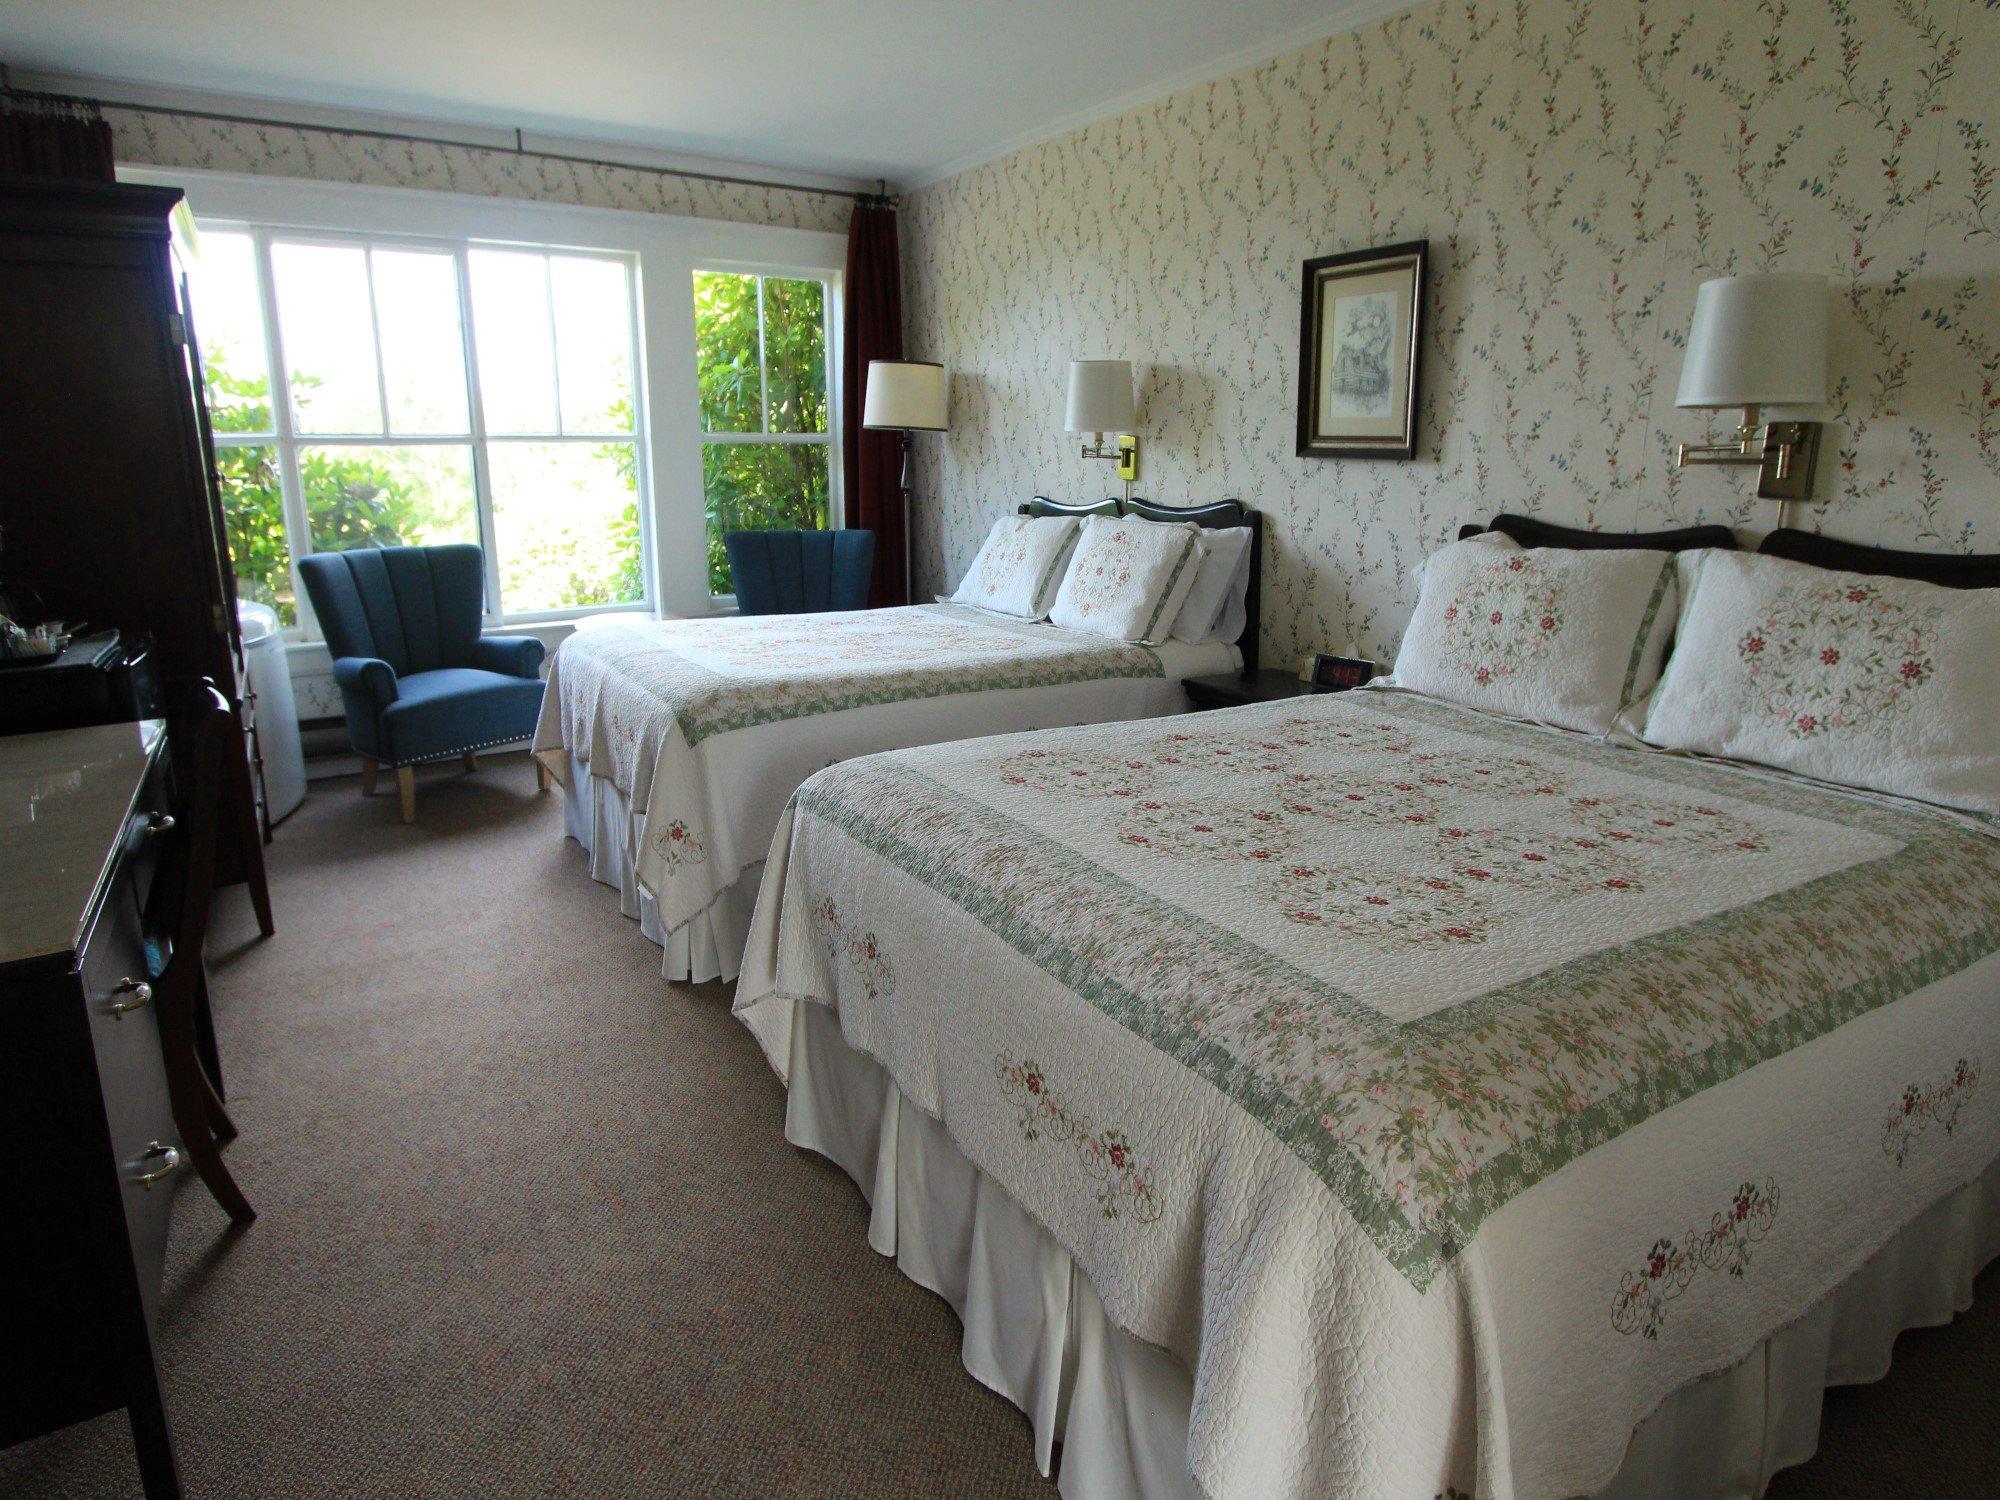 Room 2 with 2 queen beds